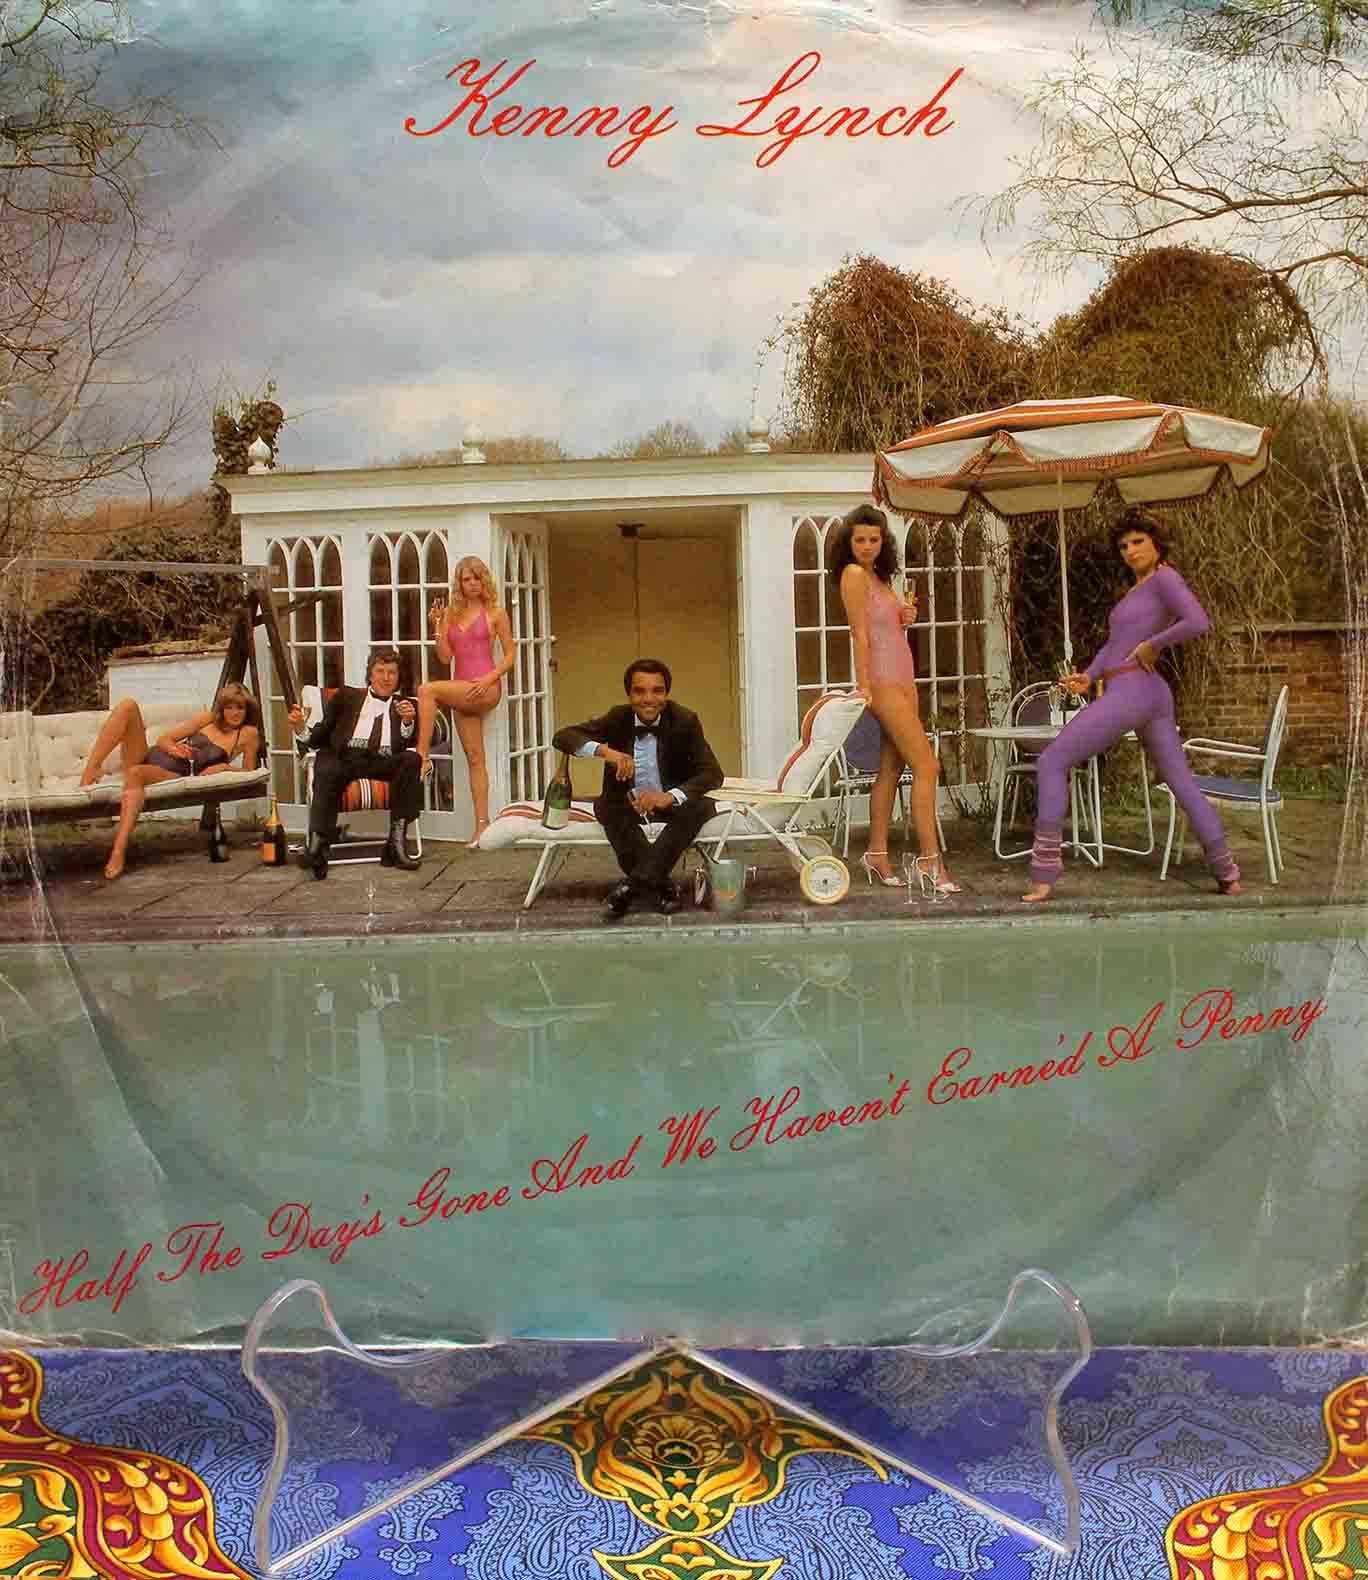 Kenny Lynch – Half The Days Gone 01